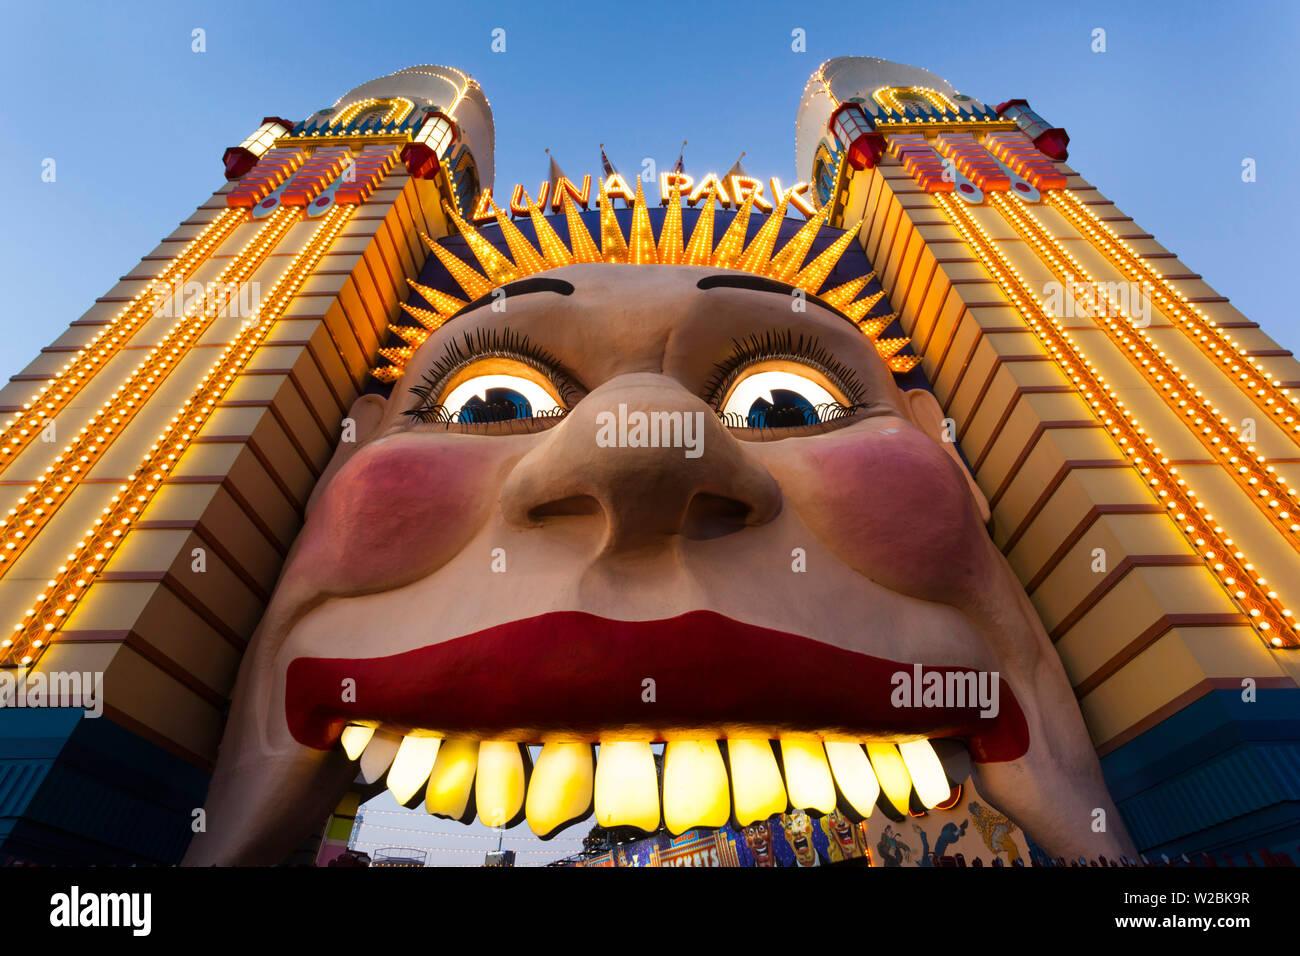 Australia, Nueva Gales del Sur (NSW, North Sydney, Milson's Point, Luna Park entrada Imagen De Stock